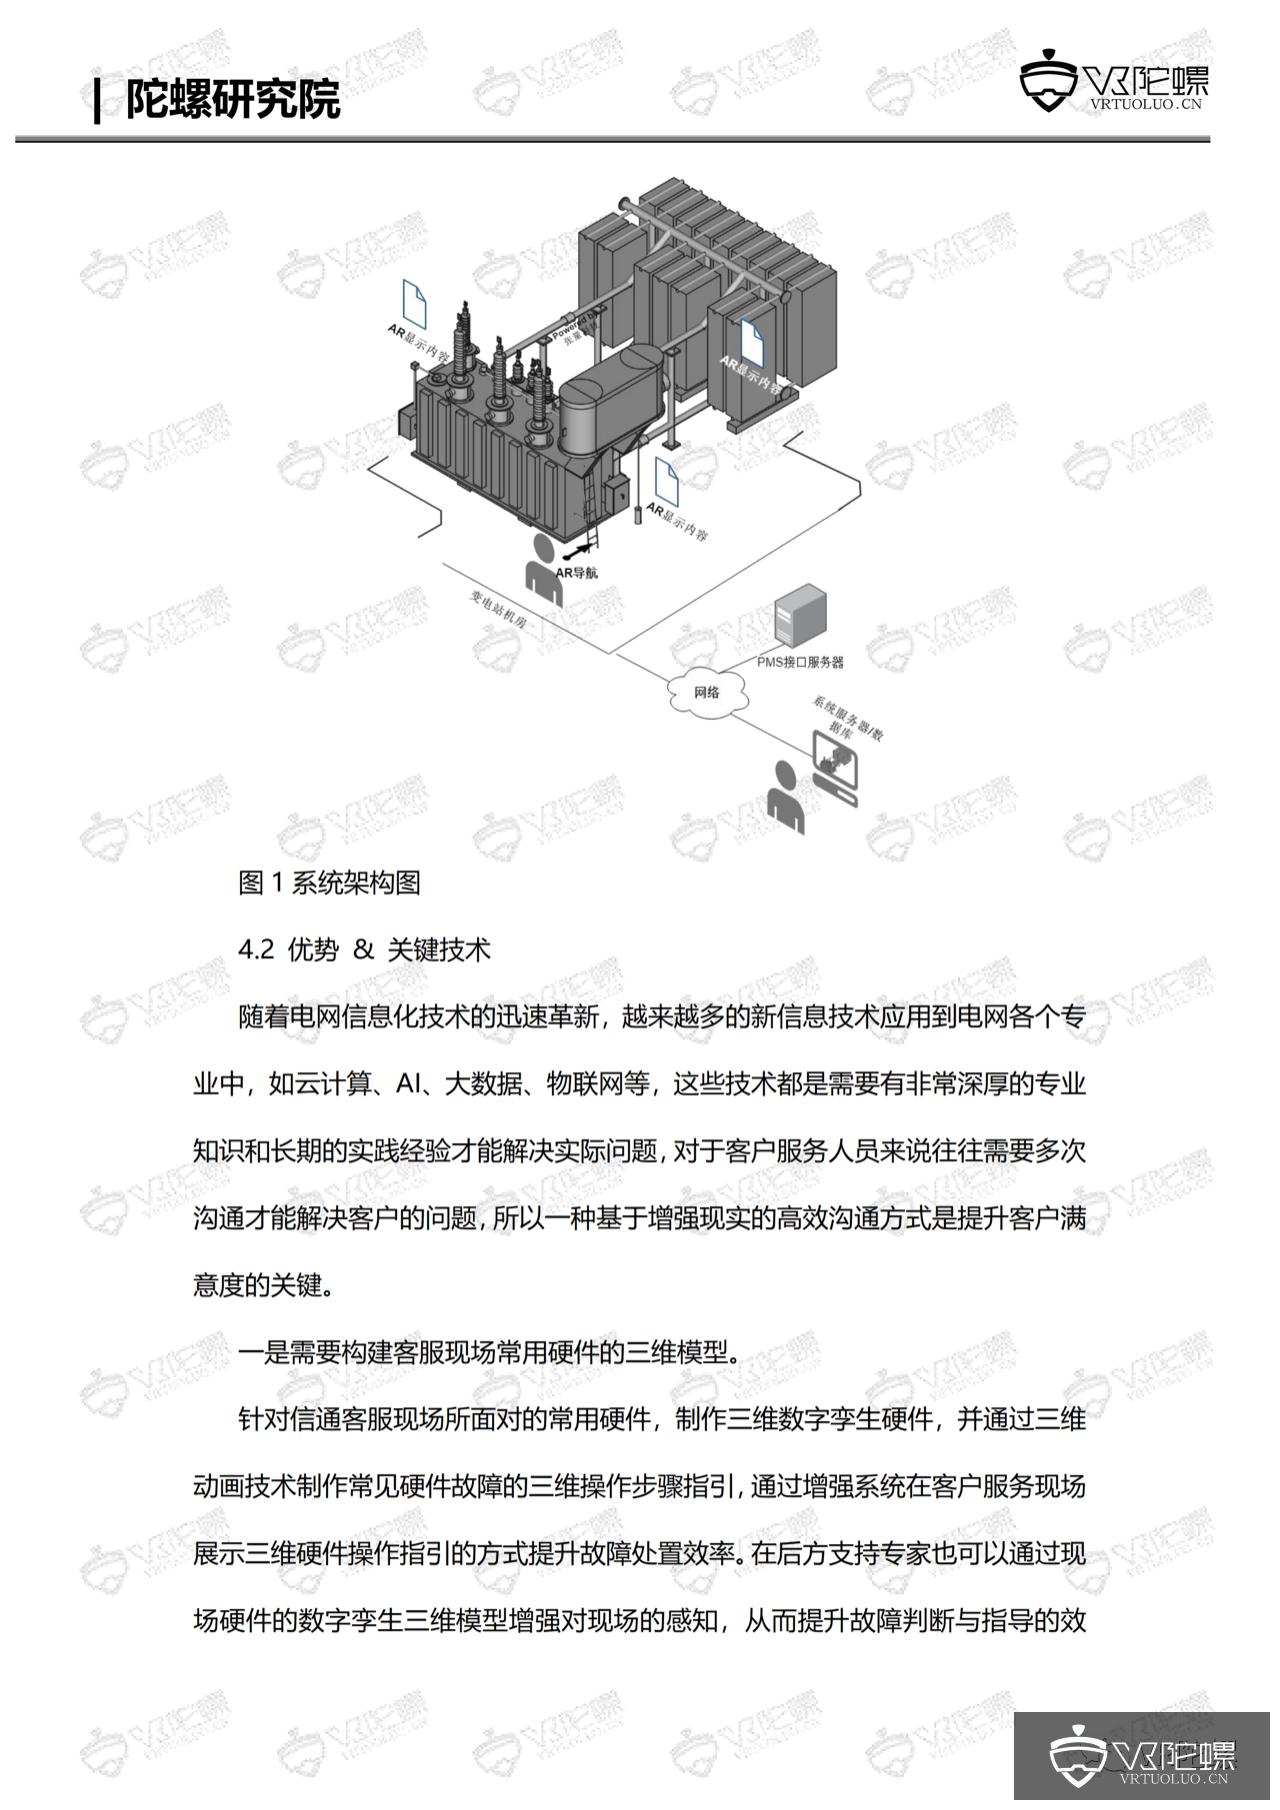 陀螺研究院XR行业应用案例集   MR+智慧电站巡检